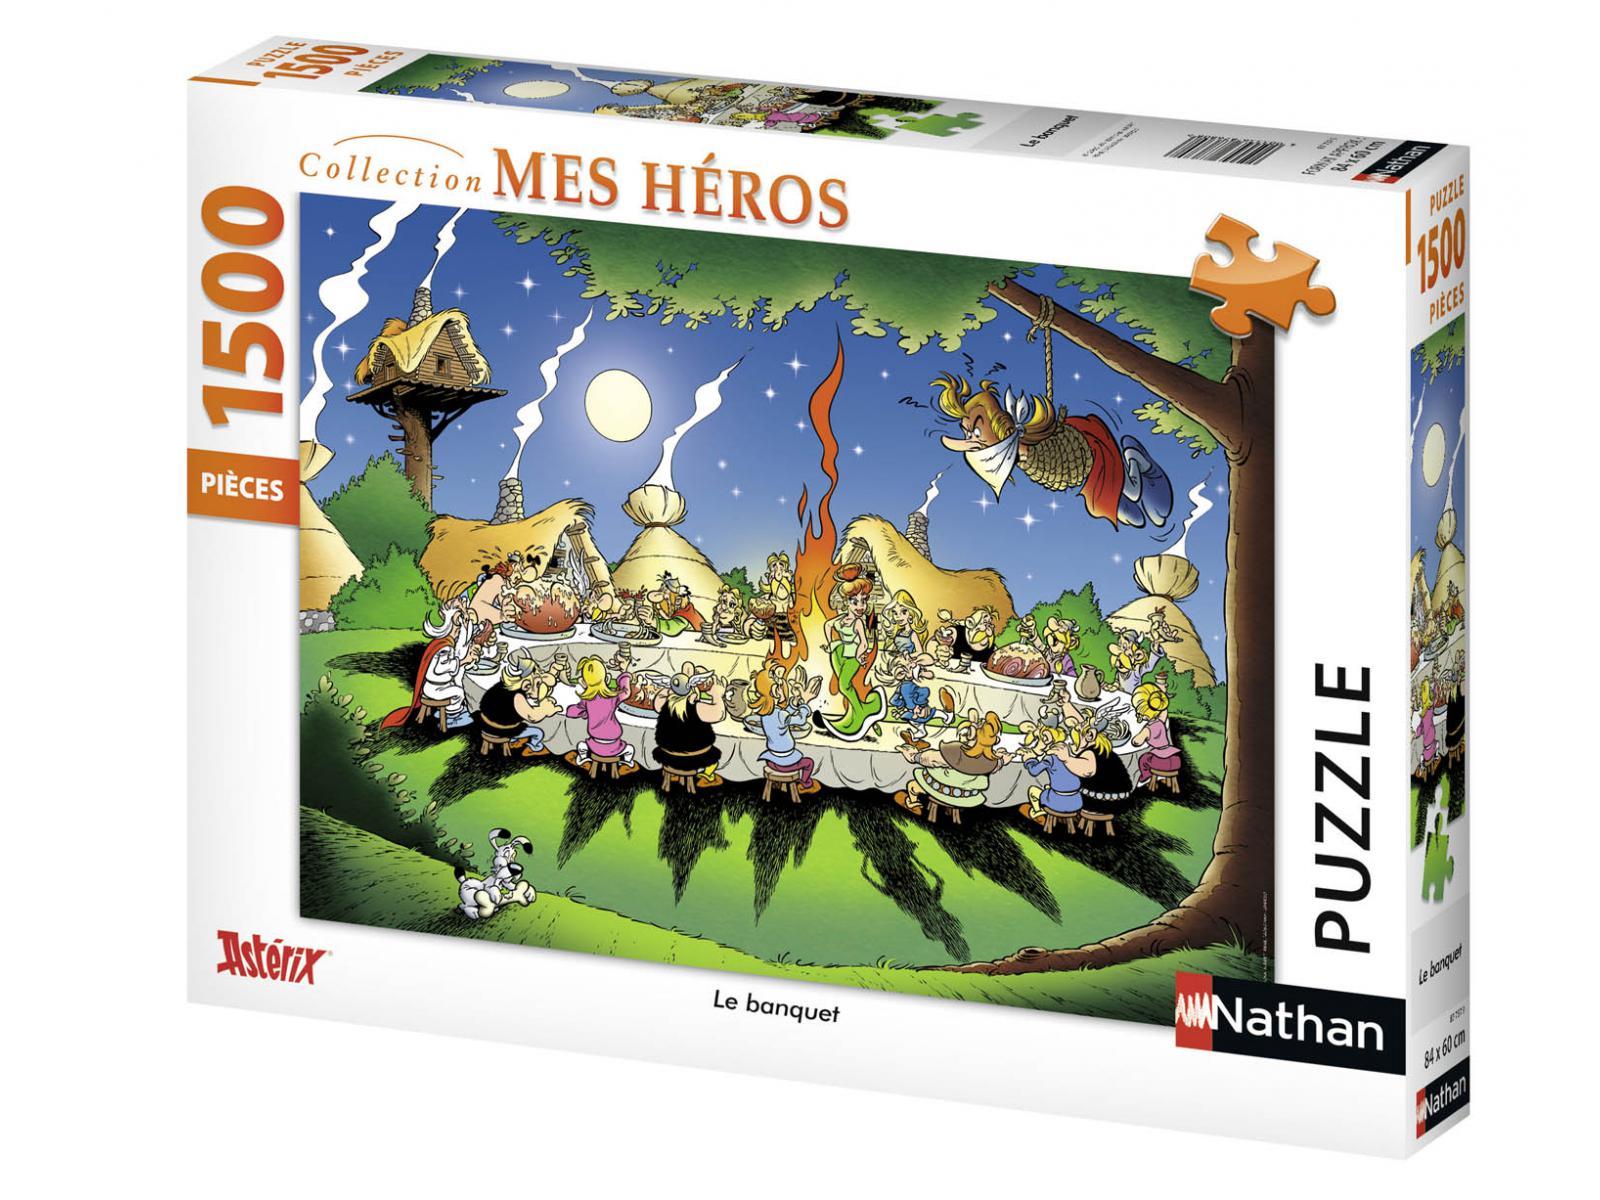 Le banquet (taverne) Nathan-puzzles-87737-puzzles-1500-pieces-le-banquet-asterix-puzzle-animaux